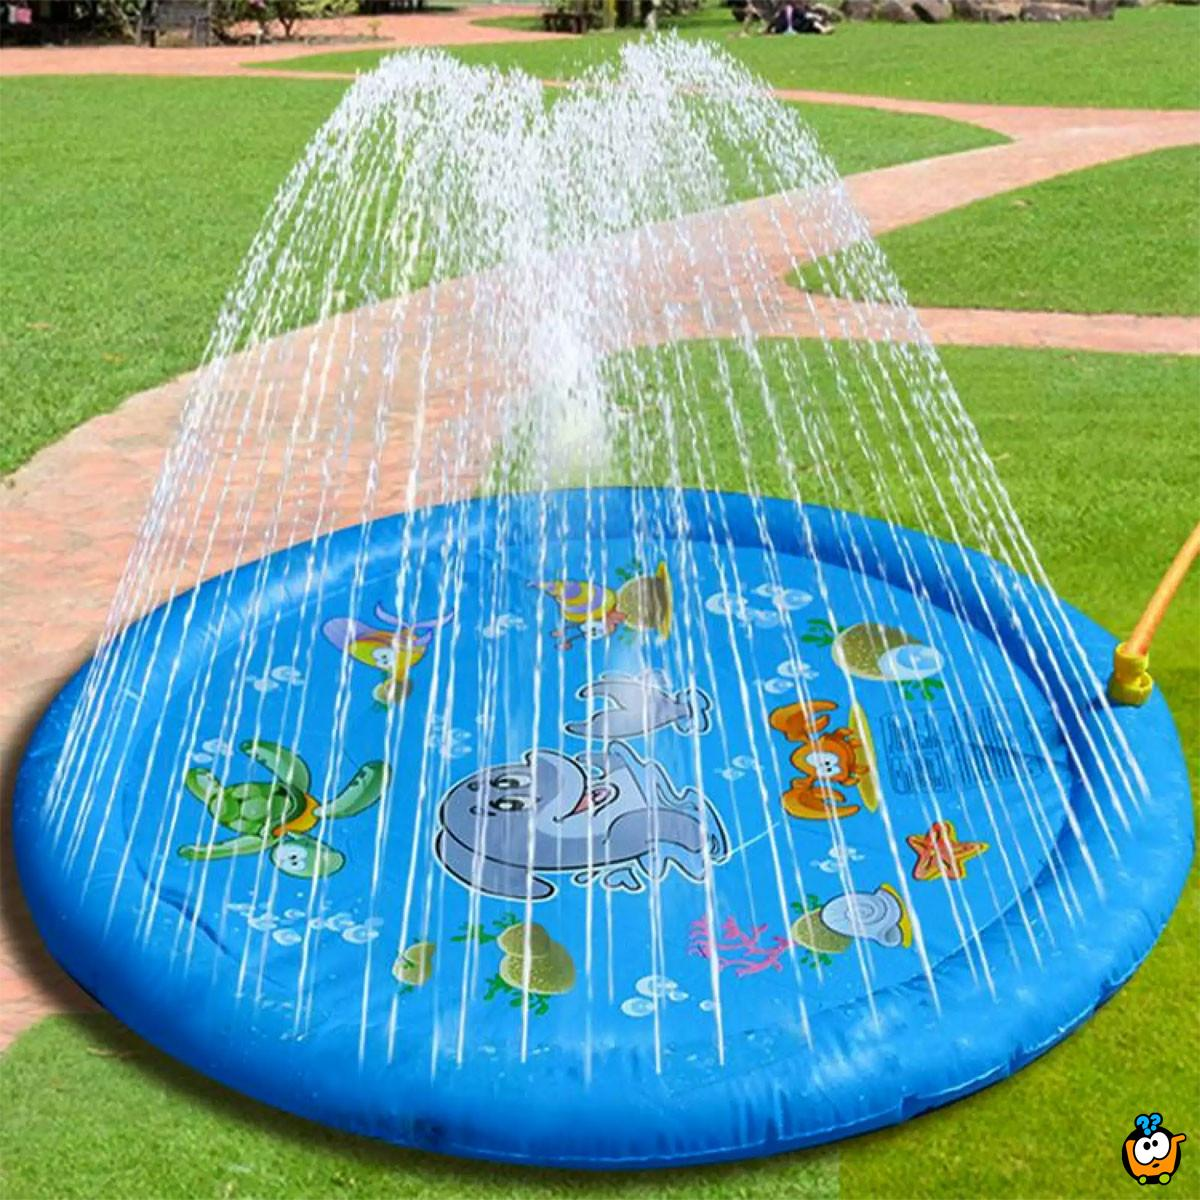 Sprinkler Pad - plitki bazen sa prskalicama za zabavno rashlađivanje